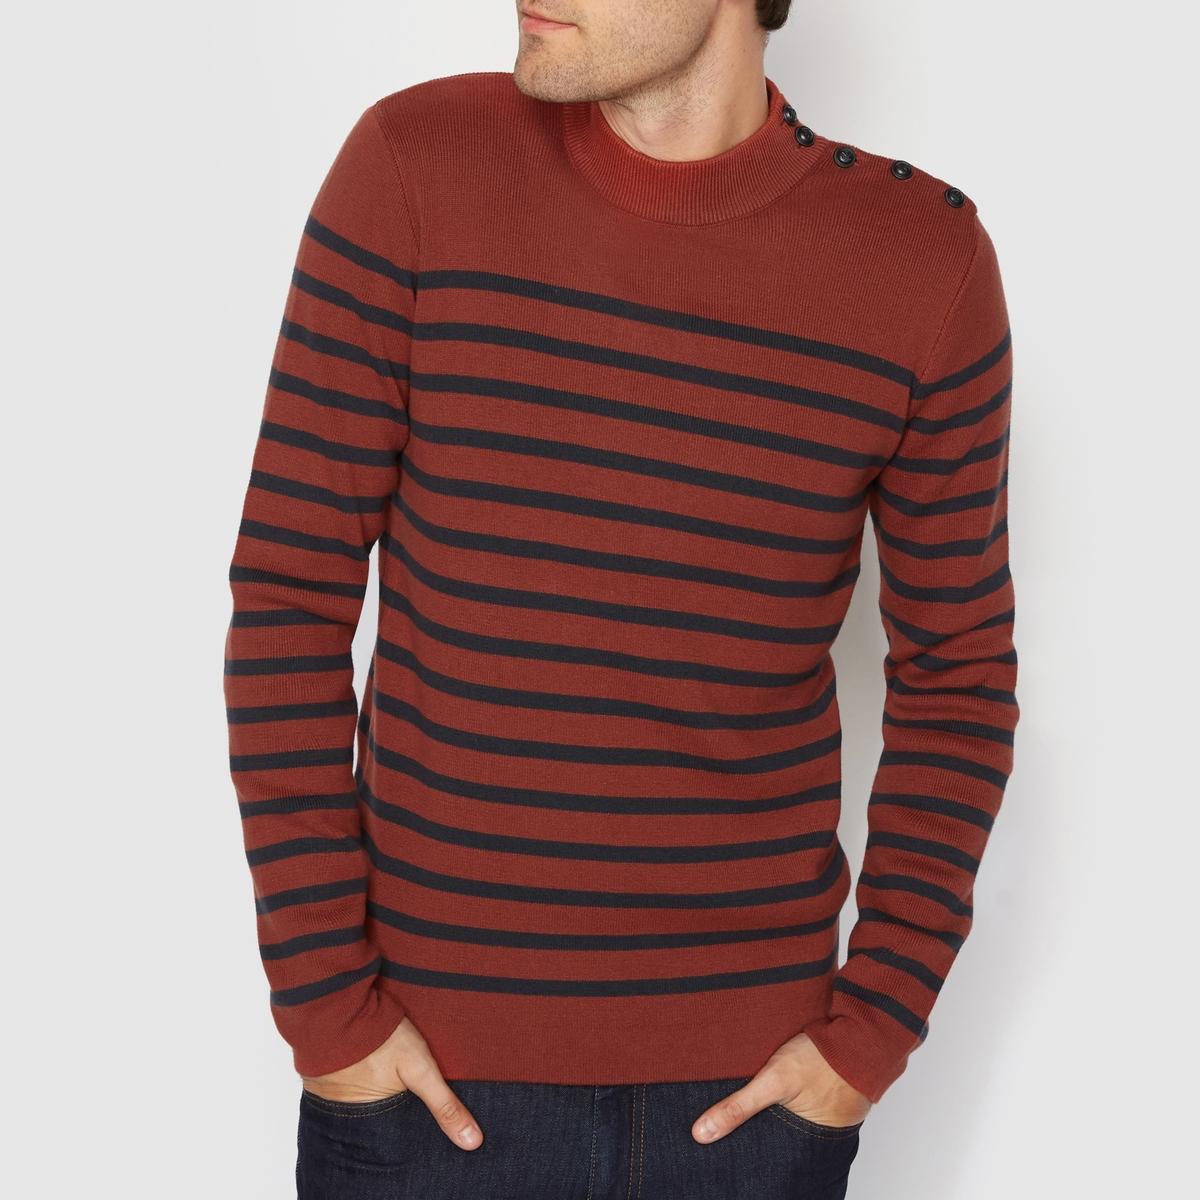 Пуловер с круглым вырезом 100% хлопкаСостав и описание :Материал : 100% хлопкаМарка : R Essentiel.Уход :Следуйте рекомендациям по уходу, указанным на этикетке изделия.<br><br>Цвет: кирпичный